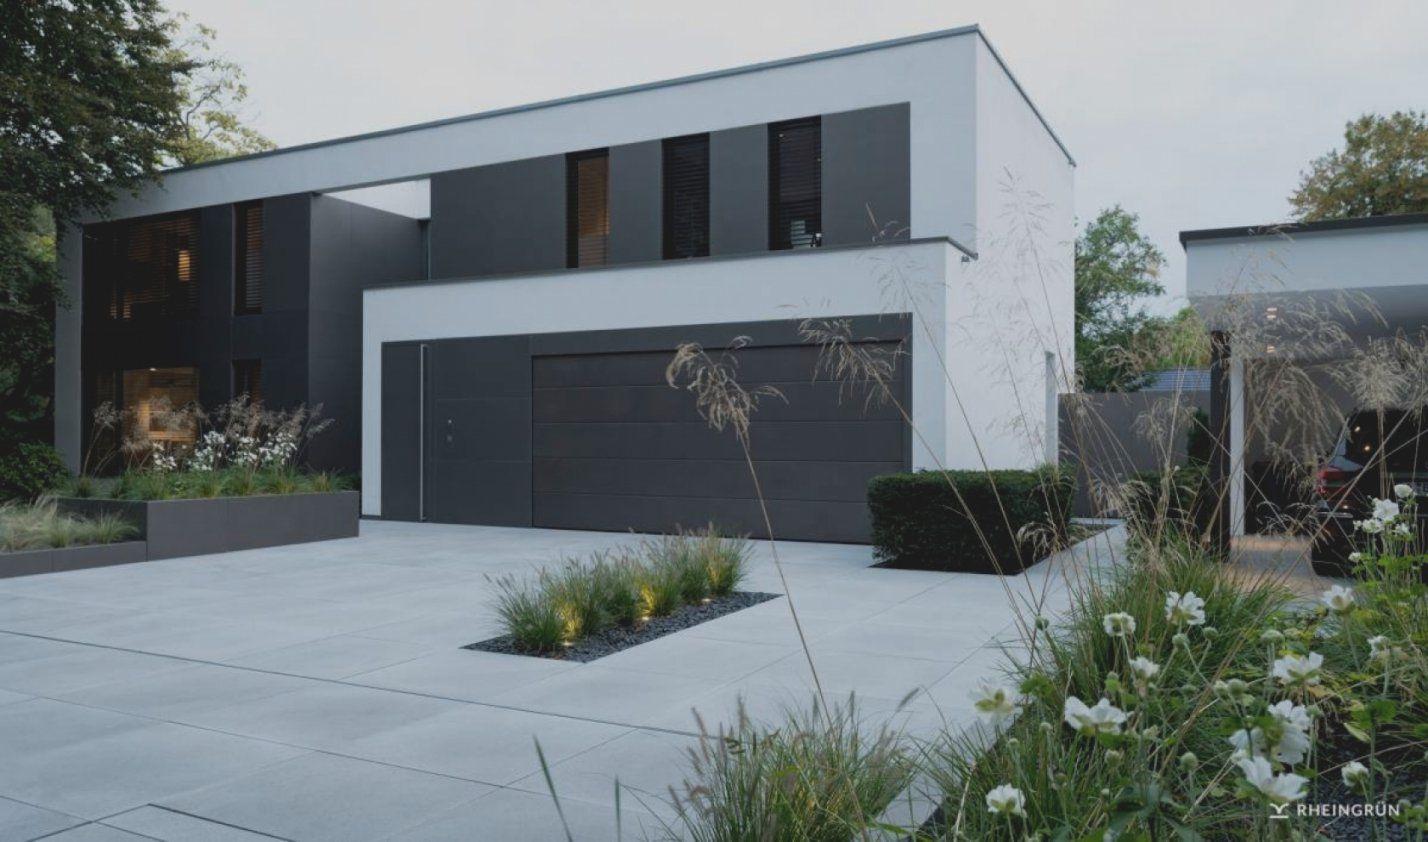 Erstaunlich Moderne Gartengestaltung Mit Grsern Imposing Gräsern von Moderne Gartengestaltung Mit Gräsern Bild